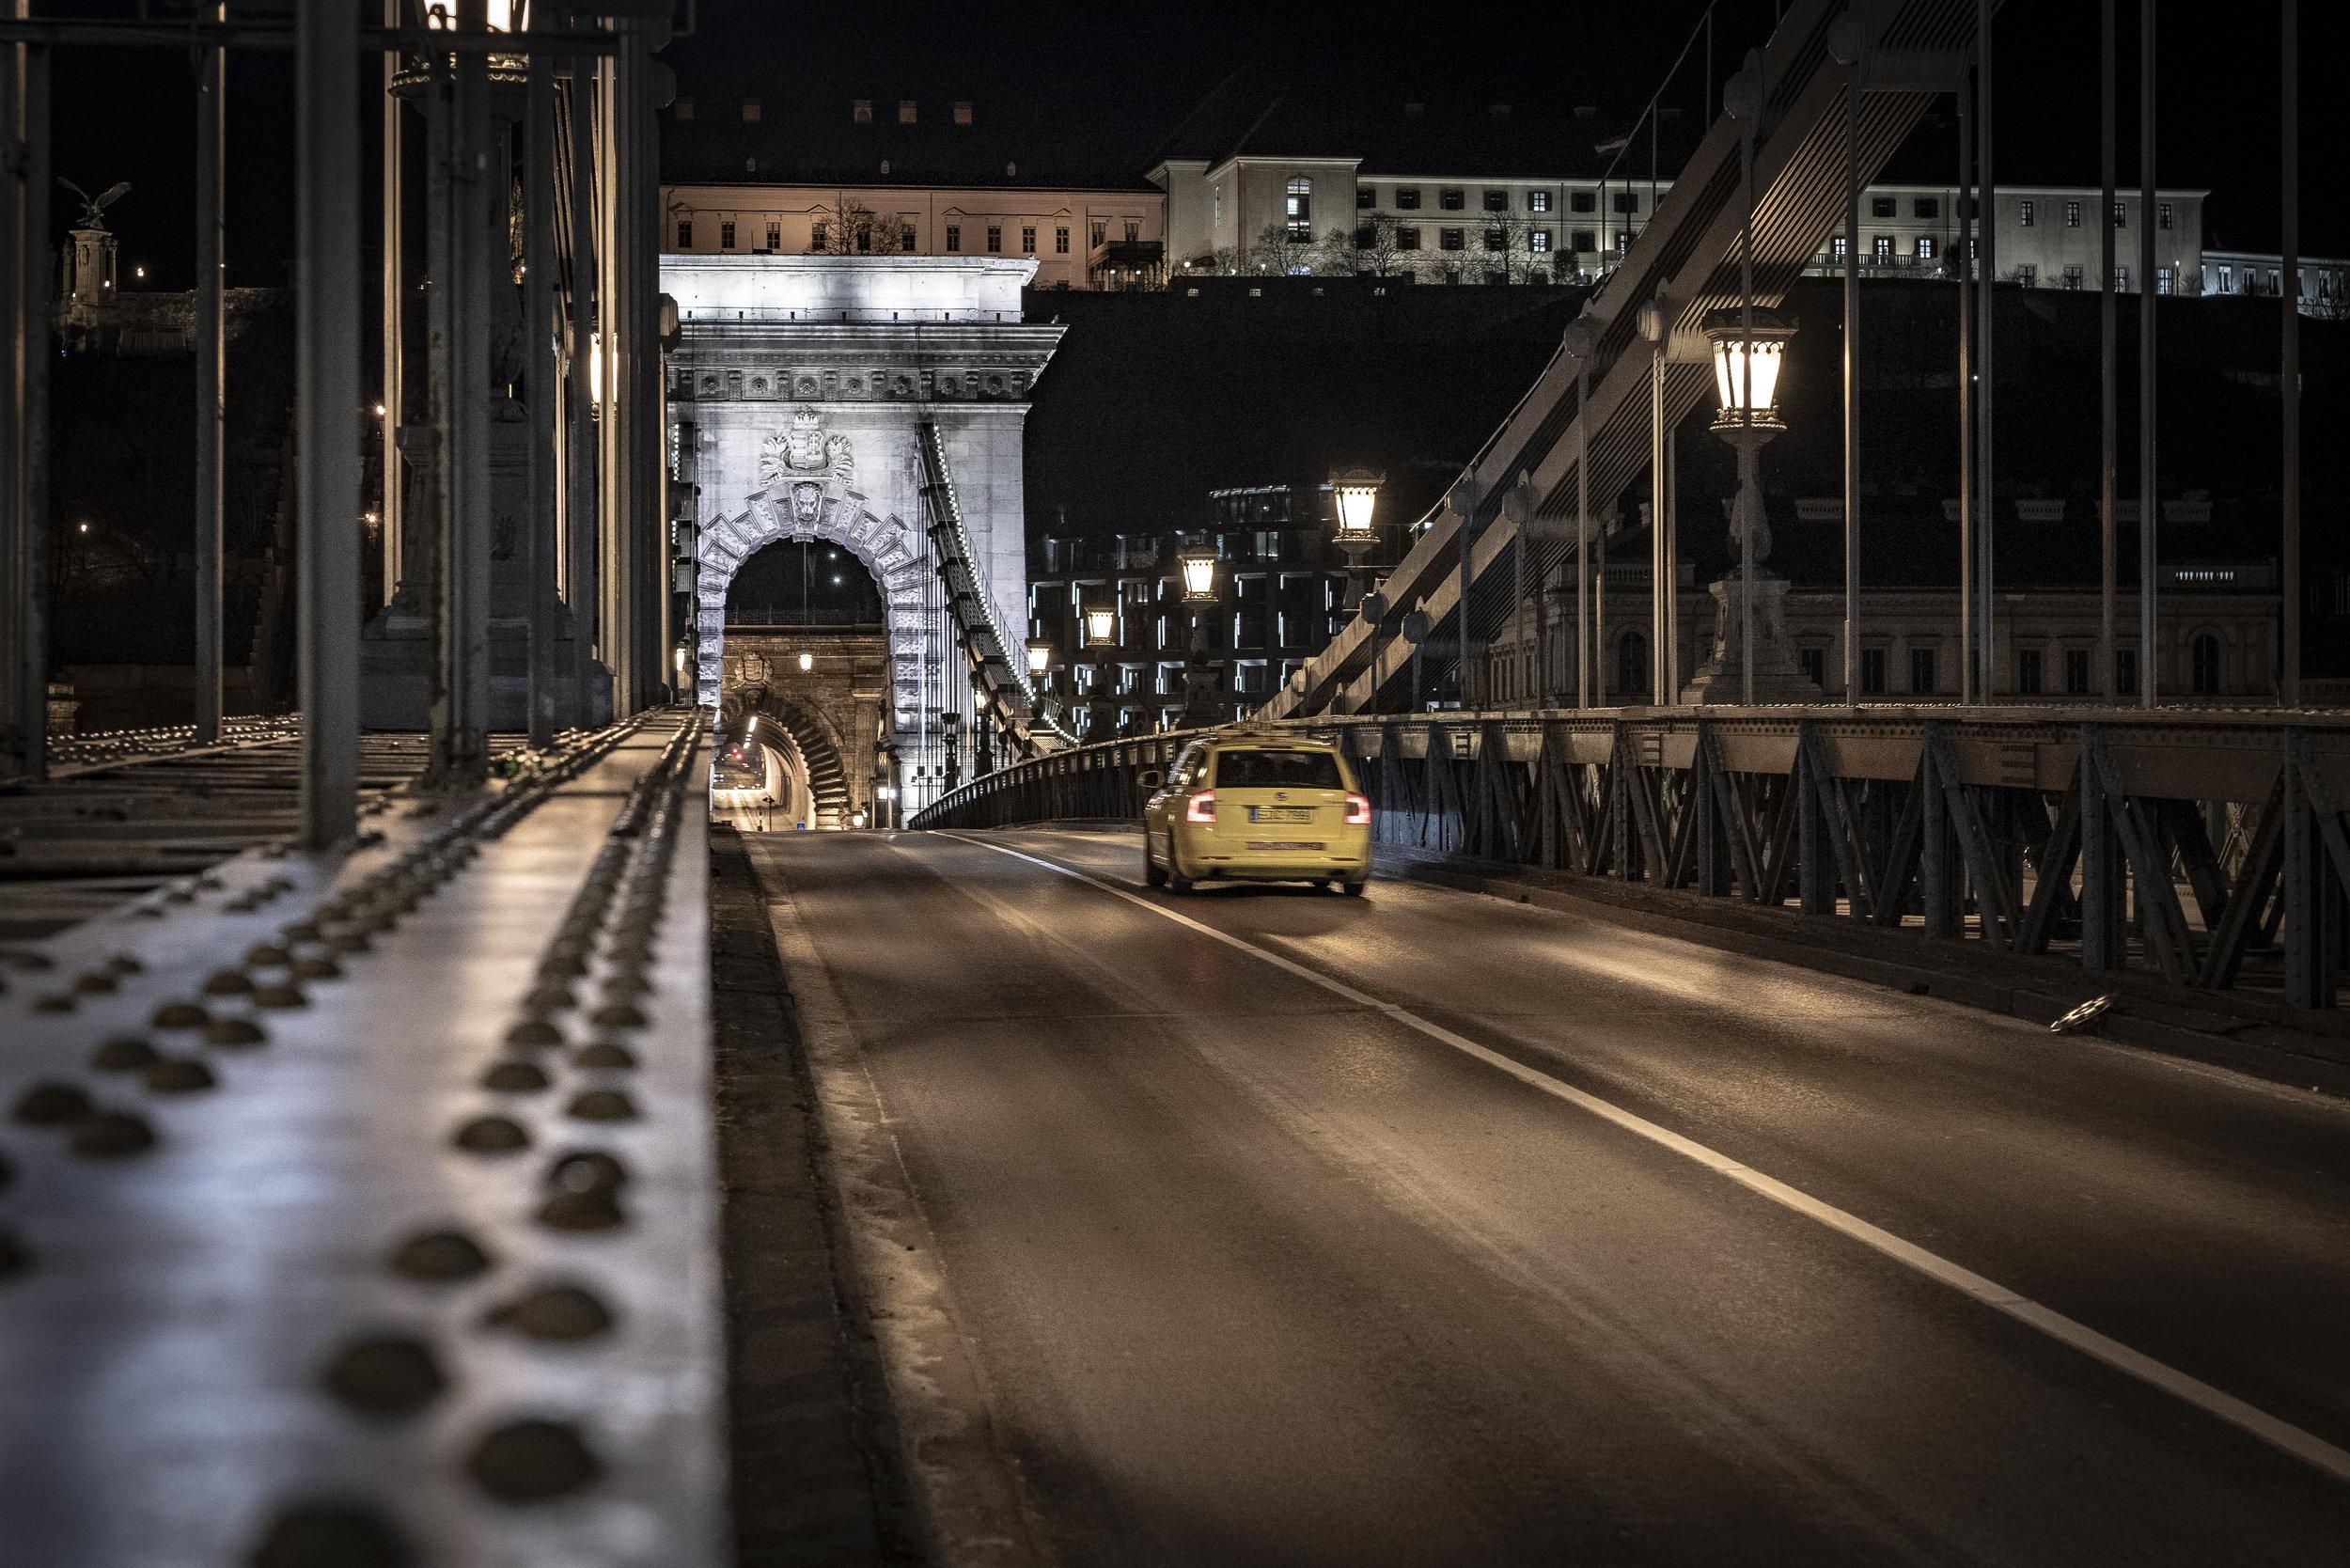 Budapest_Stills_BenBlair-6.jpg